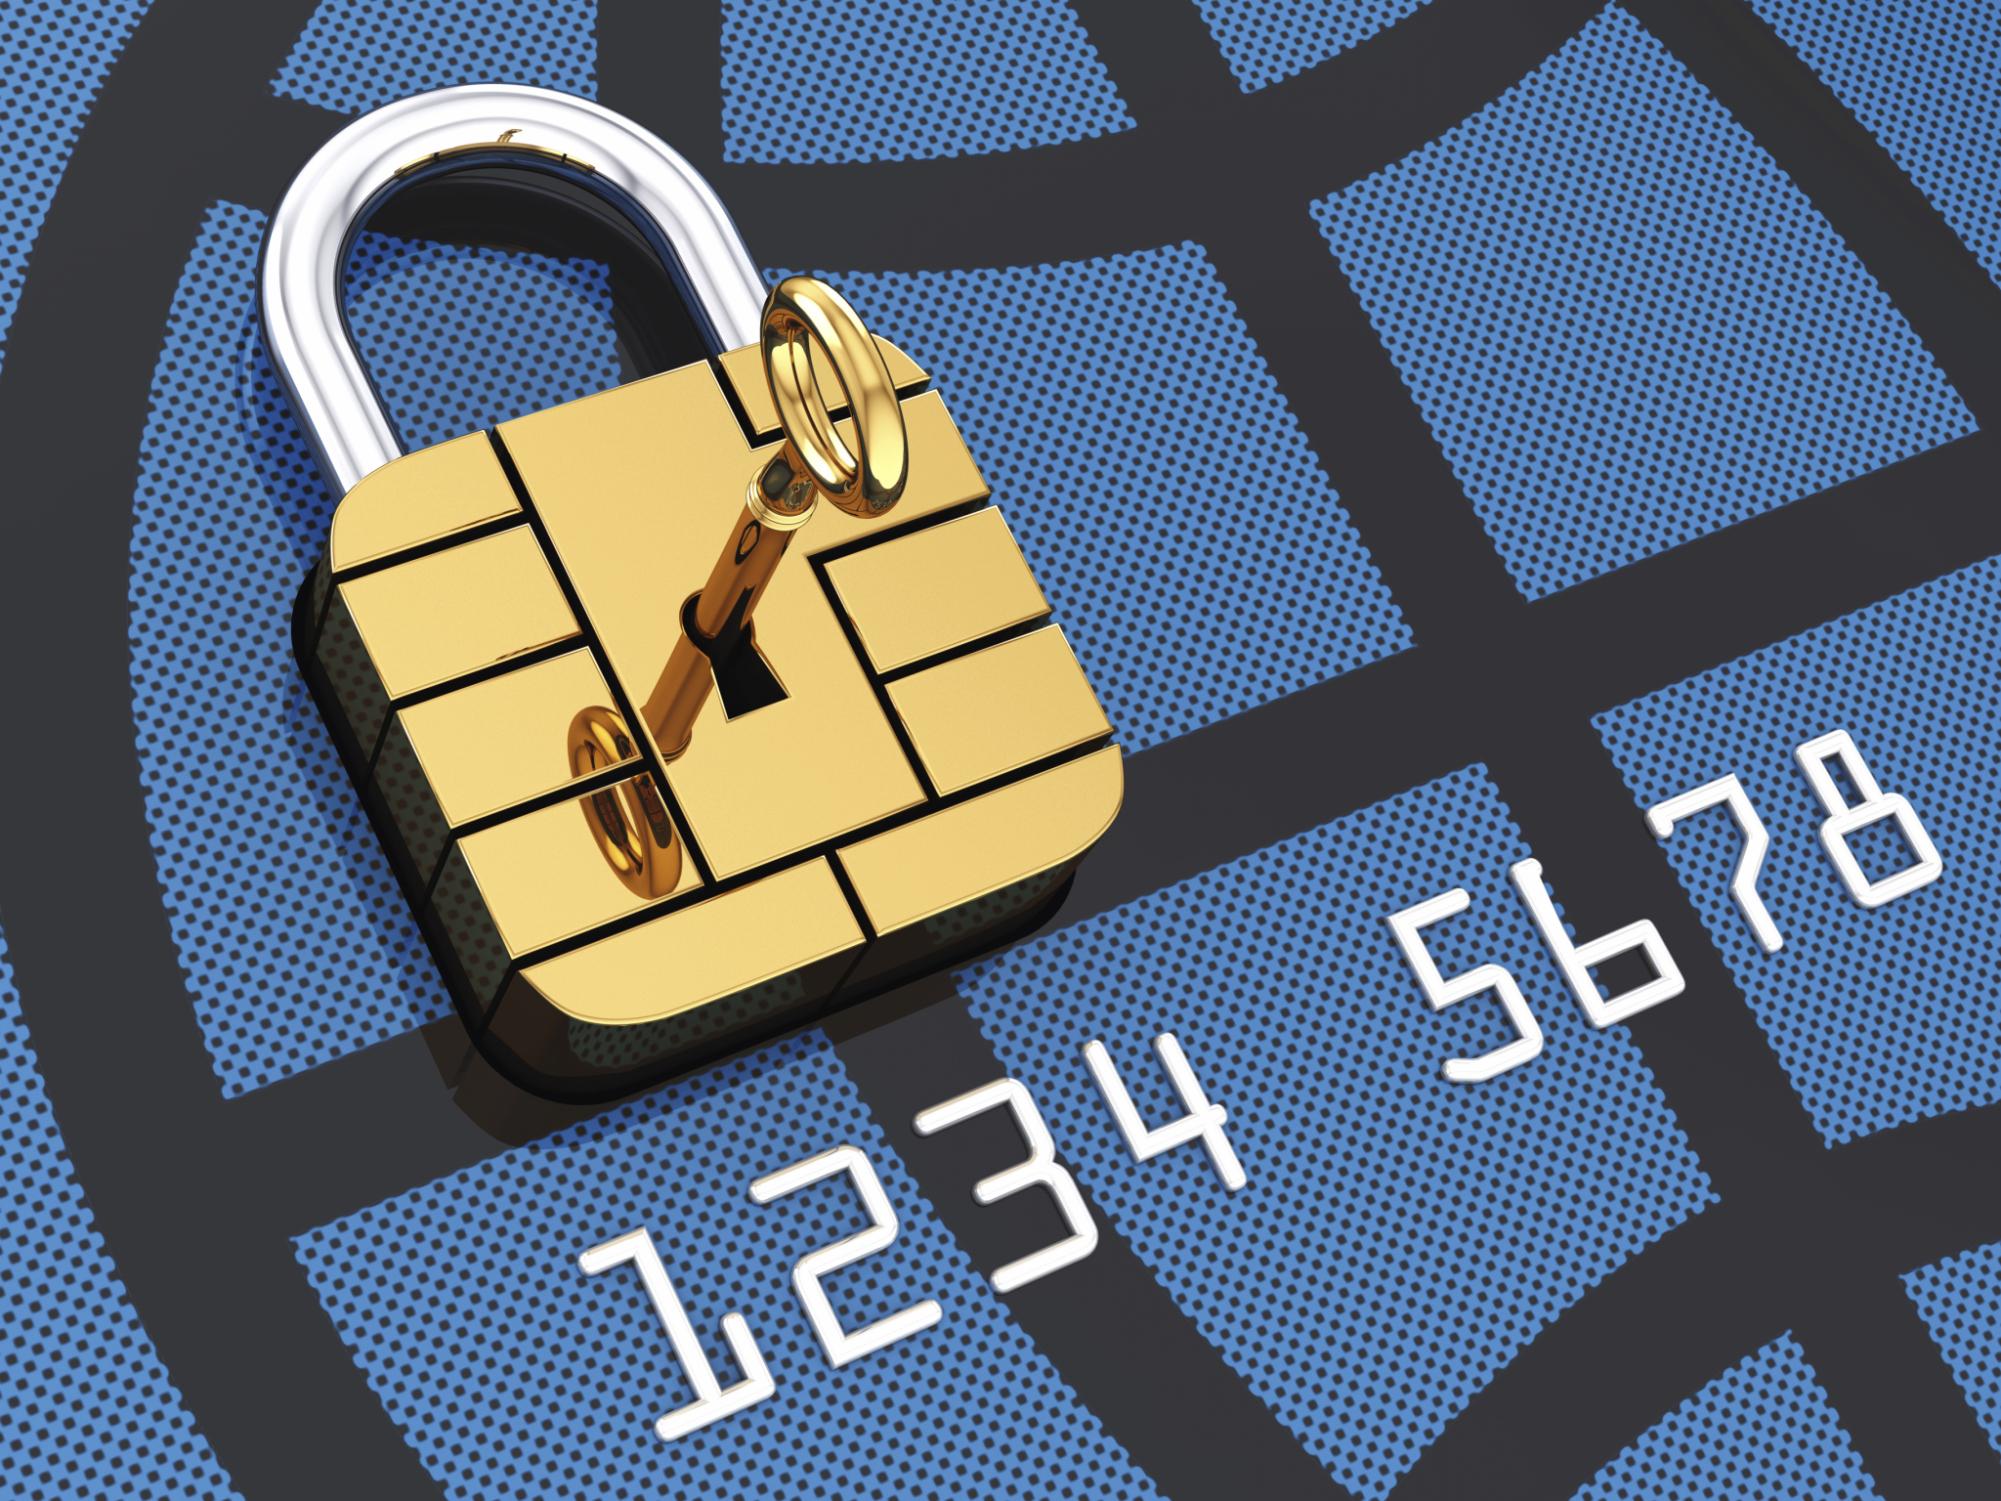 Міжнародна платіжна система LEO: безпека платежів - результат постійної роботи і впровадження інновацій